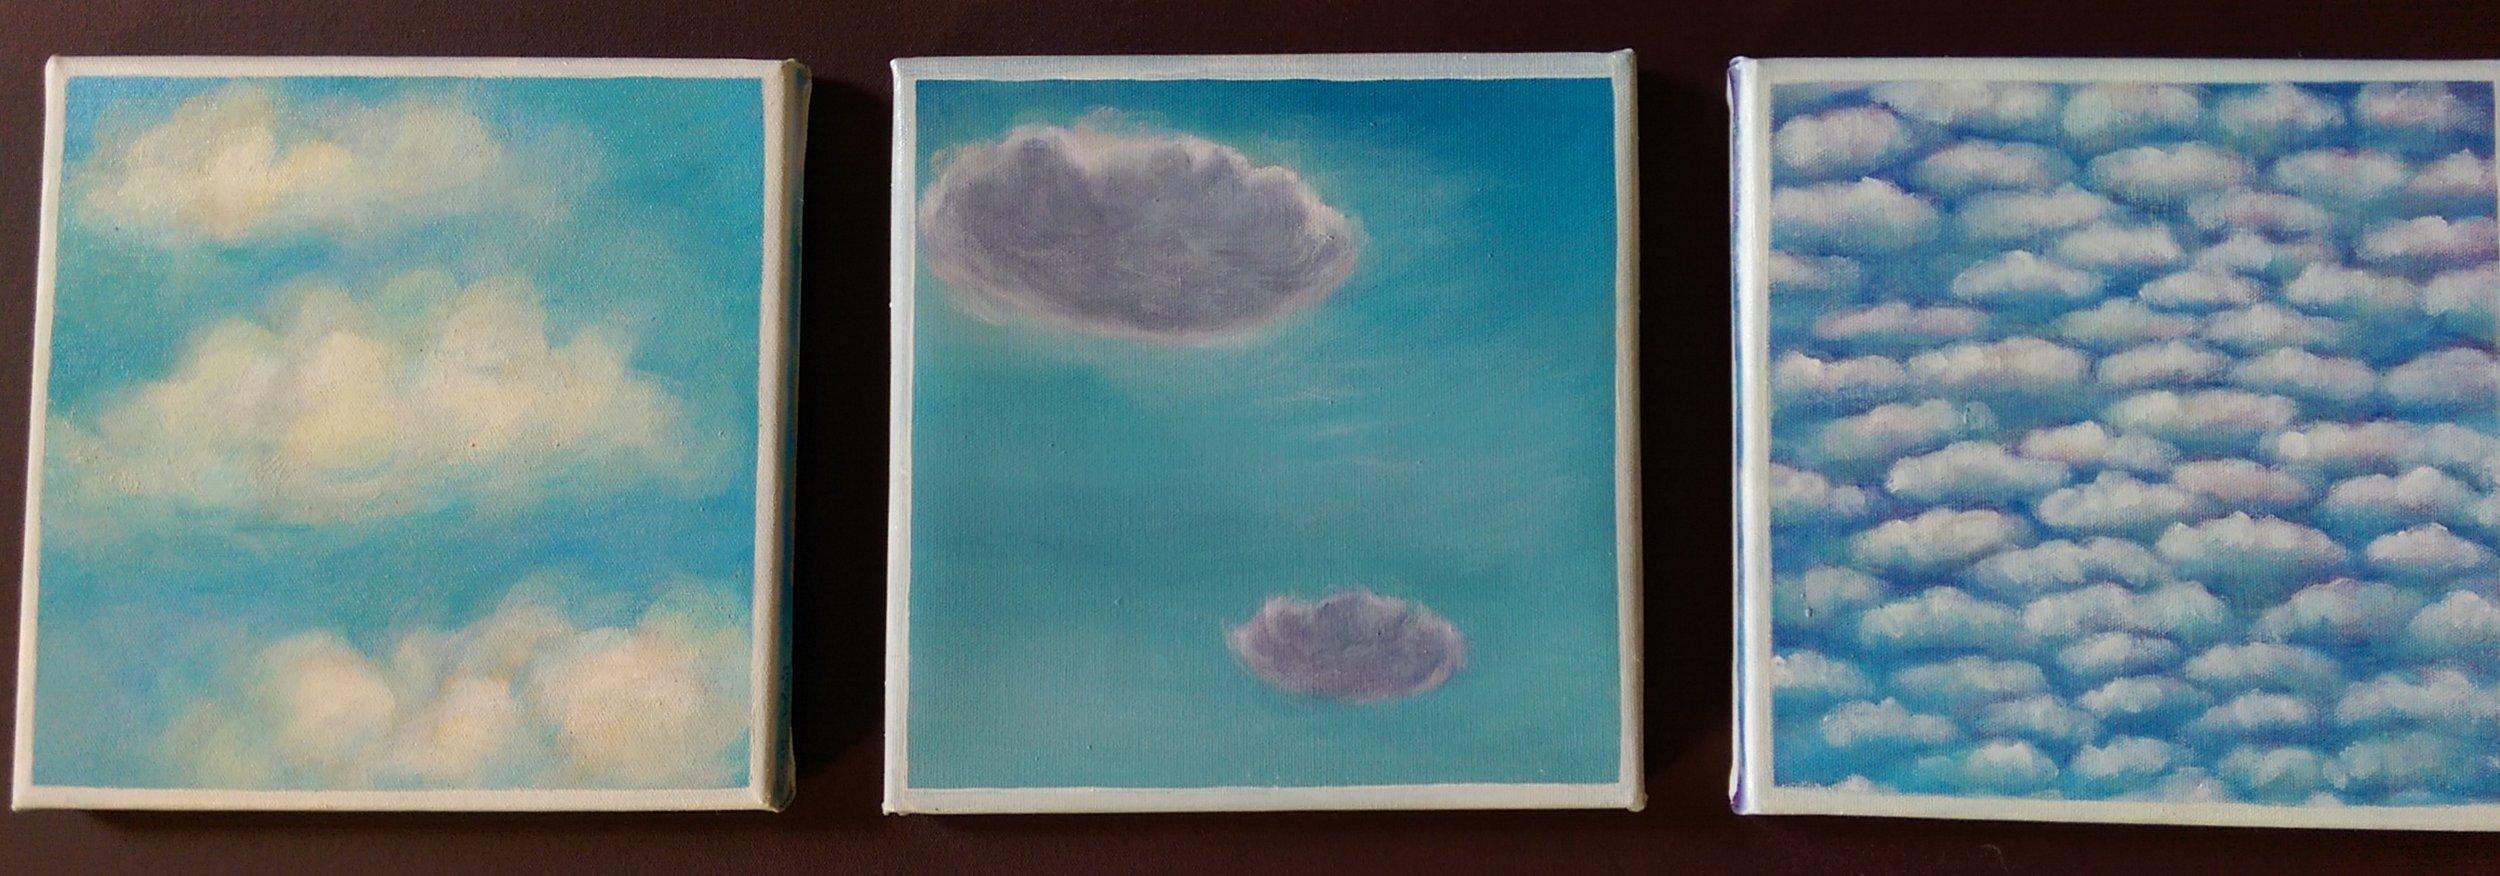 Cloud Series 7-9, 2018